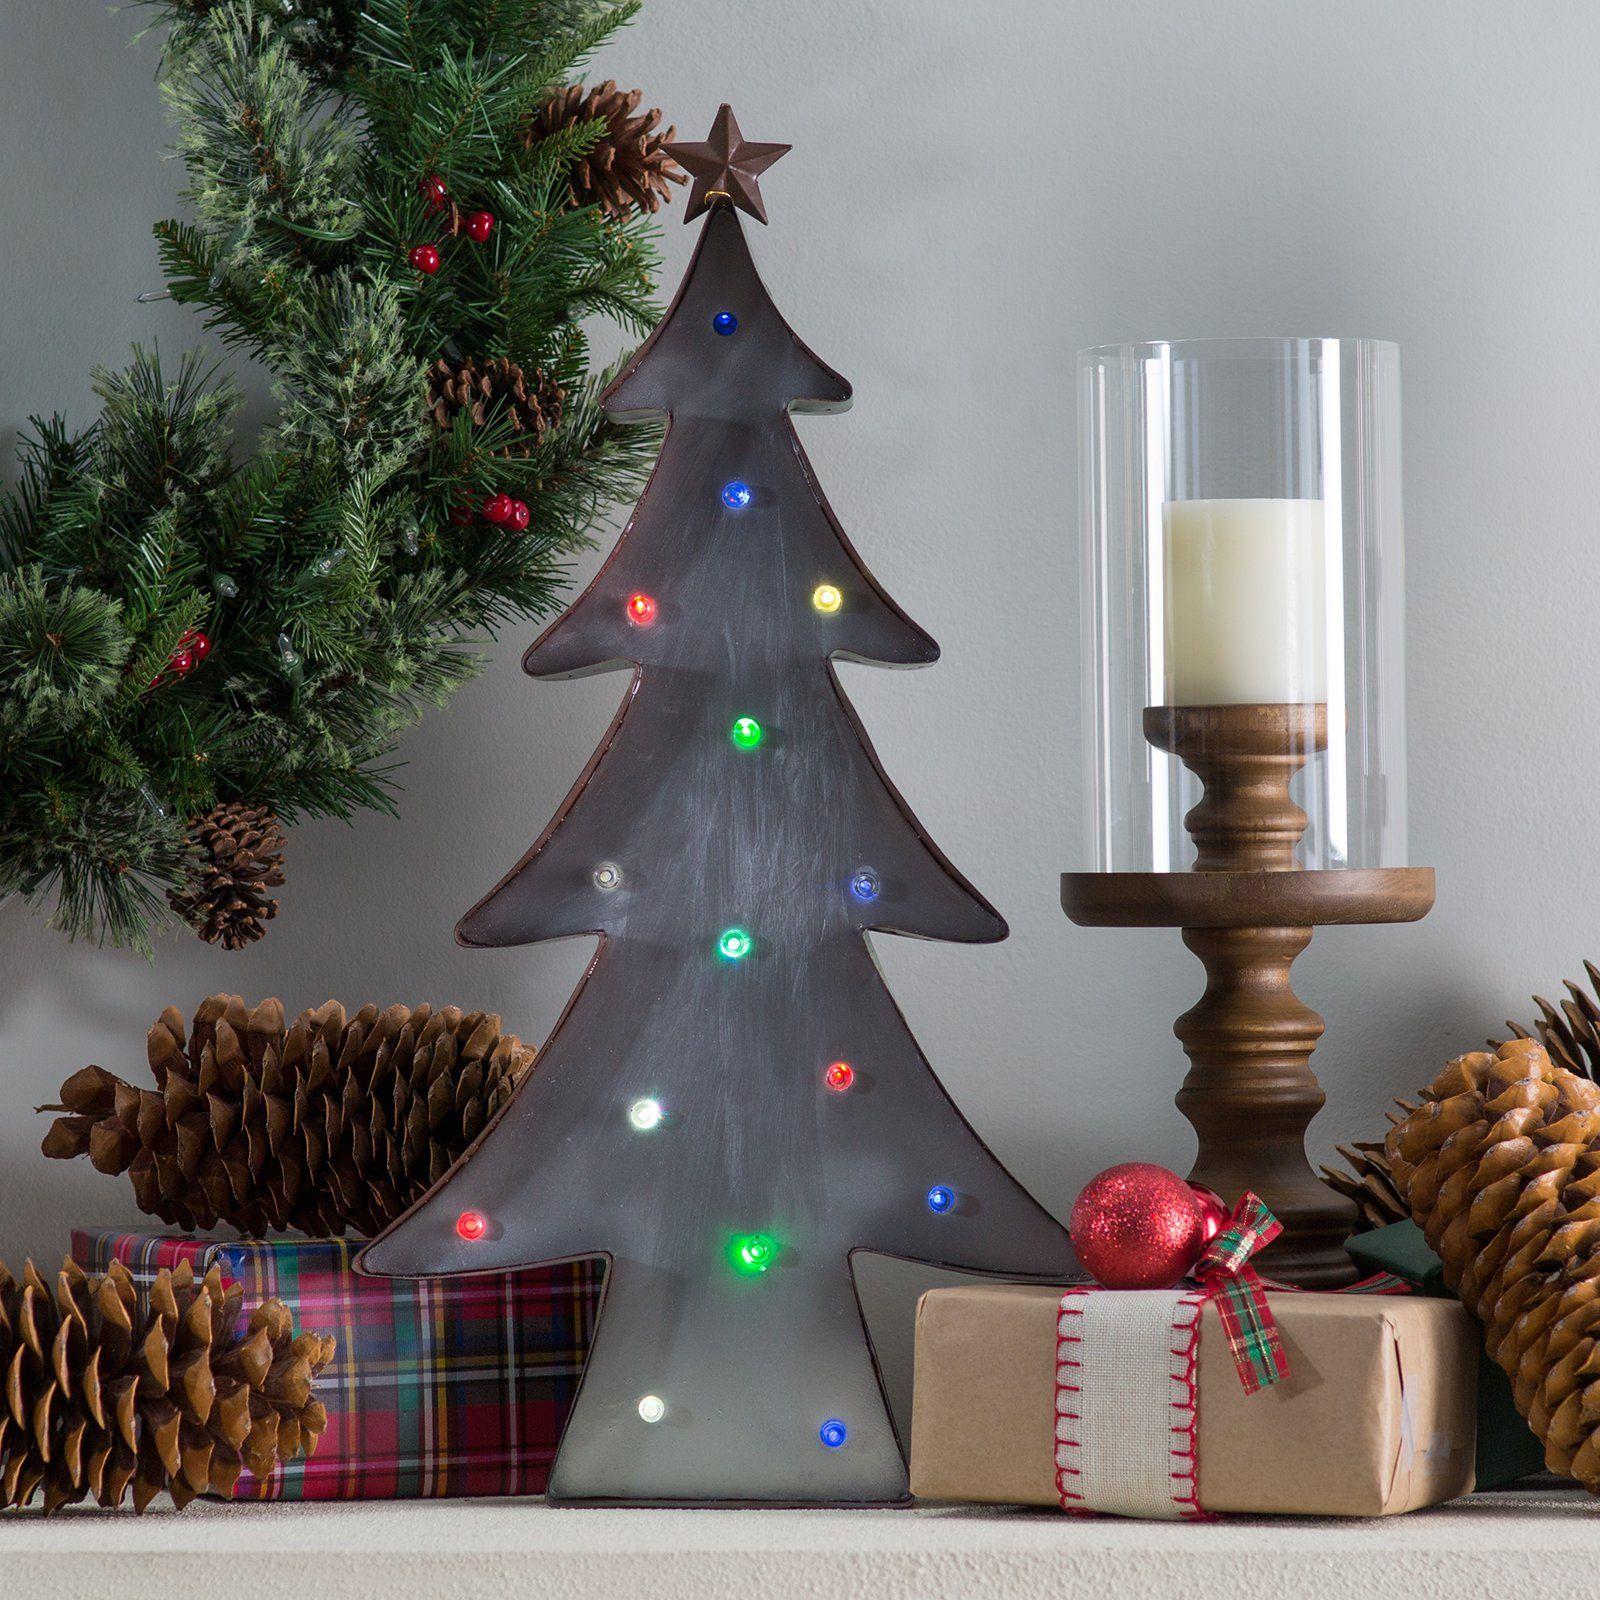 Metal Christmas Tree With Lights